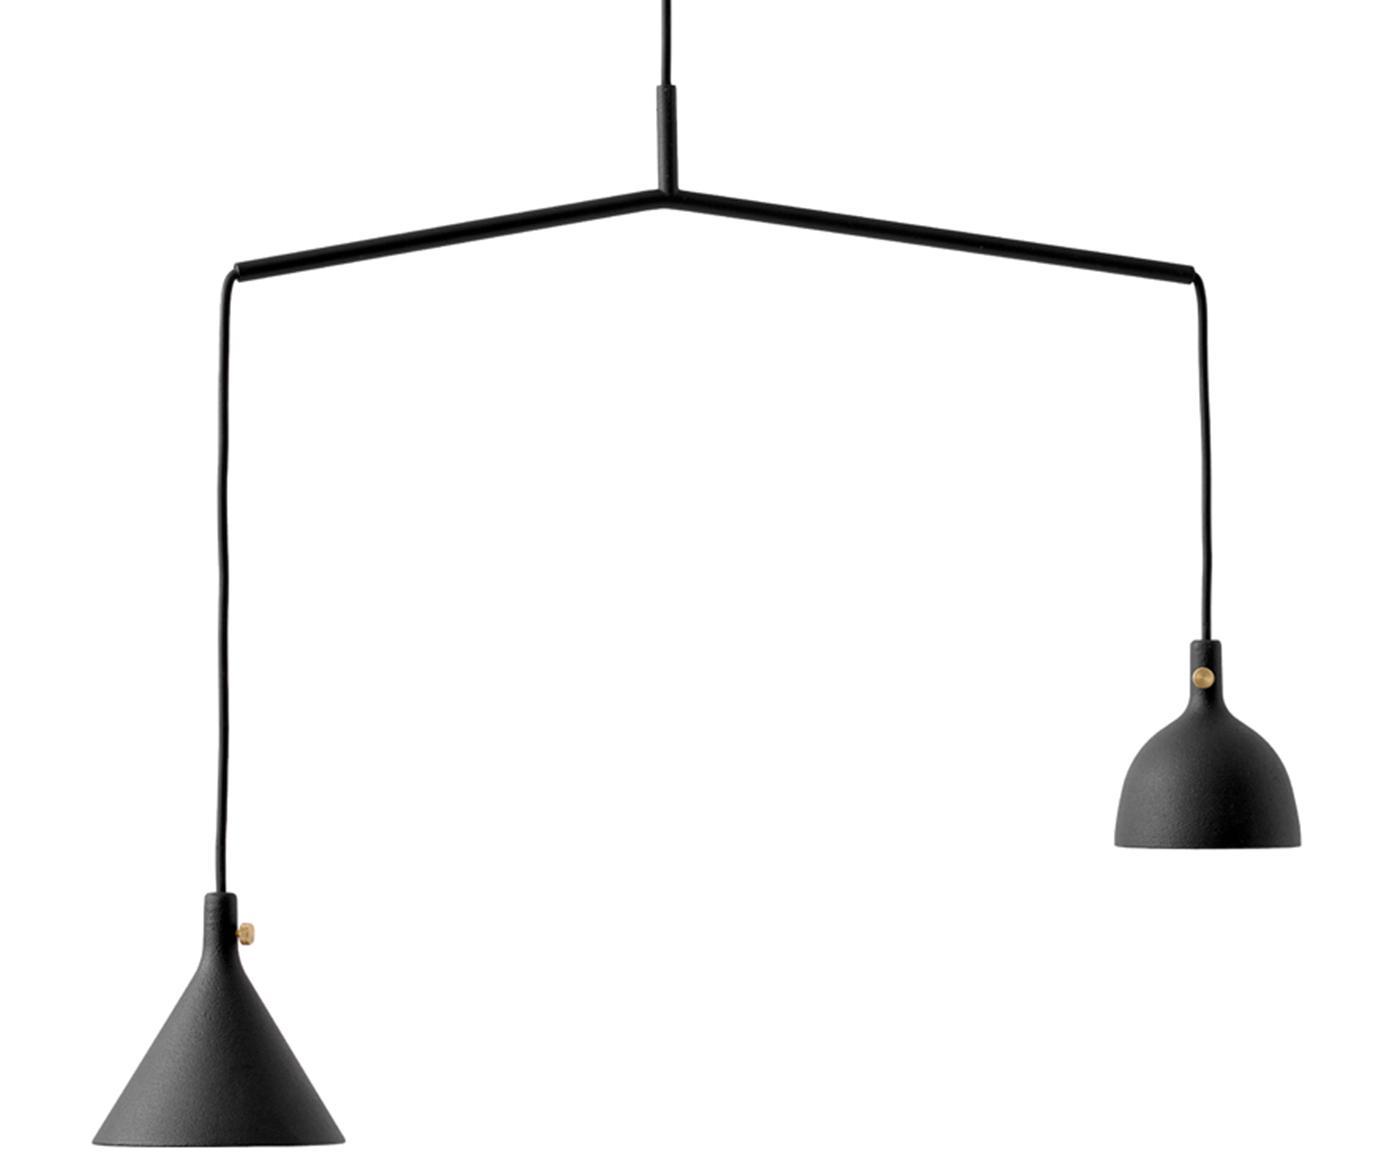 Lámpara de techo Cast, Pantalla: aluminio recubierto, lató, Estructura: metal con pintura en polv, Cable: cubierto en tela, Negro, L 66 x Al 432 cm